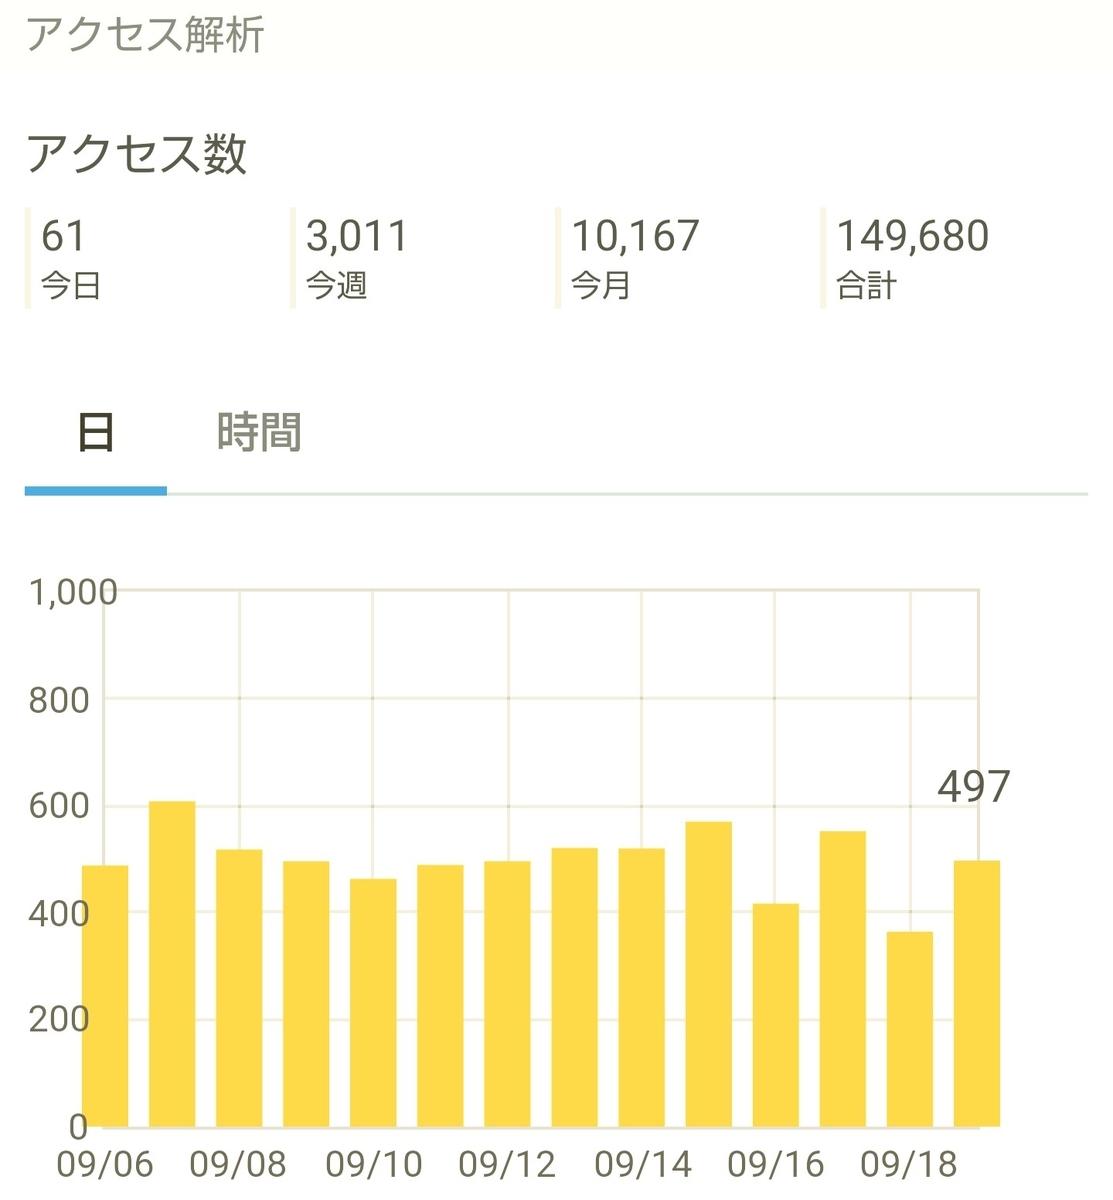 はてなブログ(無料版)2年目の成果・収益報告である、16ヶ月目(68週目)のアクセス解析